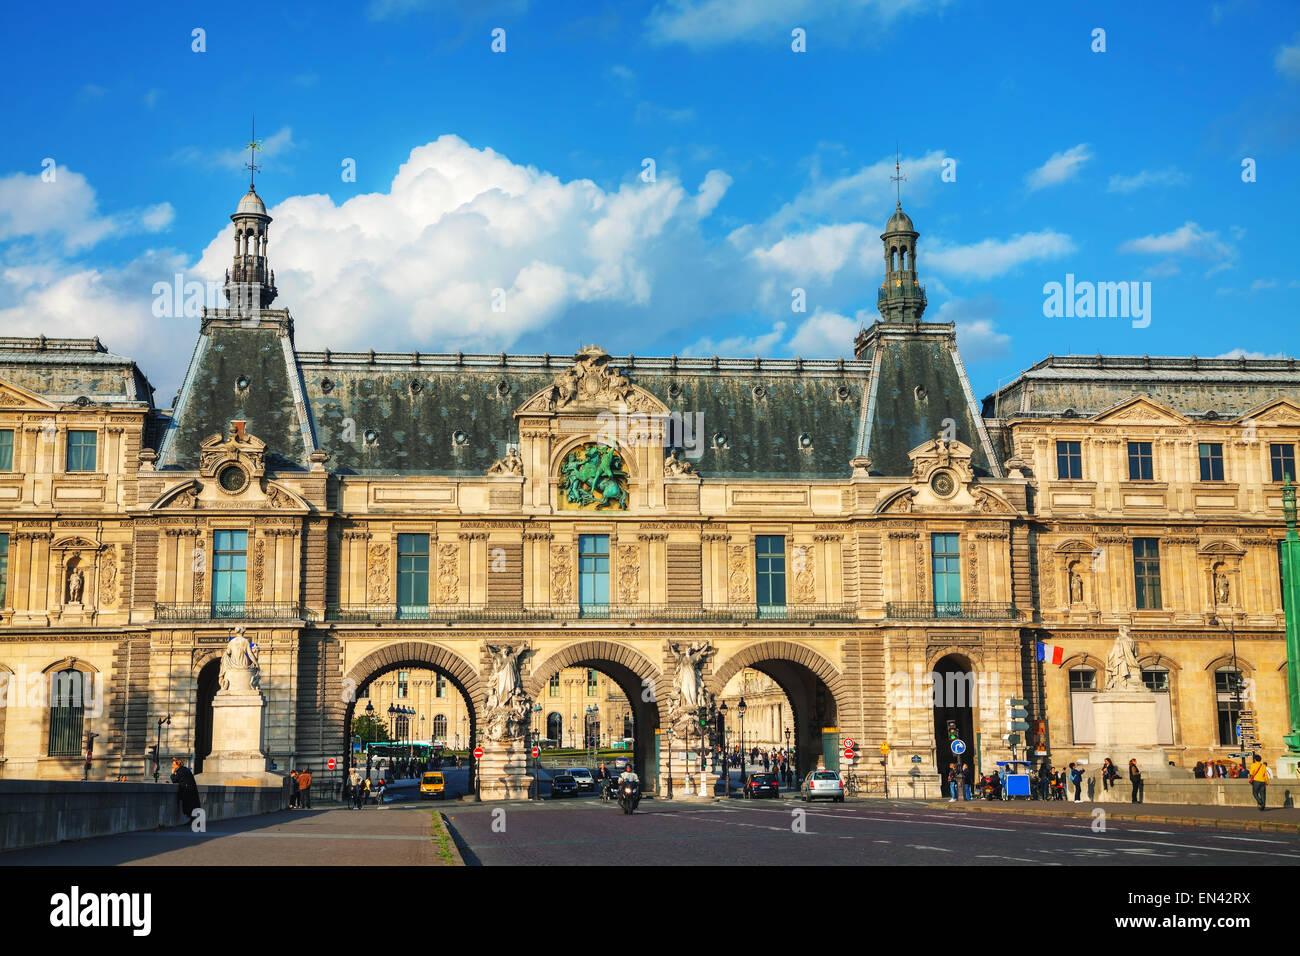 PARIS - 9 de octubre: entrada del Louvre el 9 de octubre de 2014 en París, Francia. El Museo del Louvre es uno de los más grandes del mundo m Foto de stock